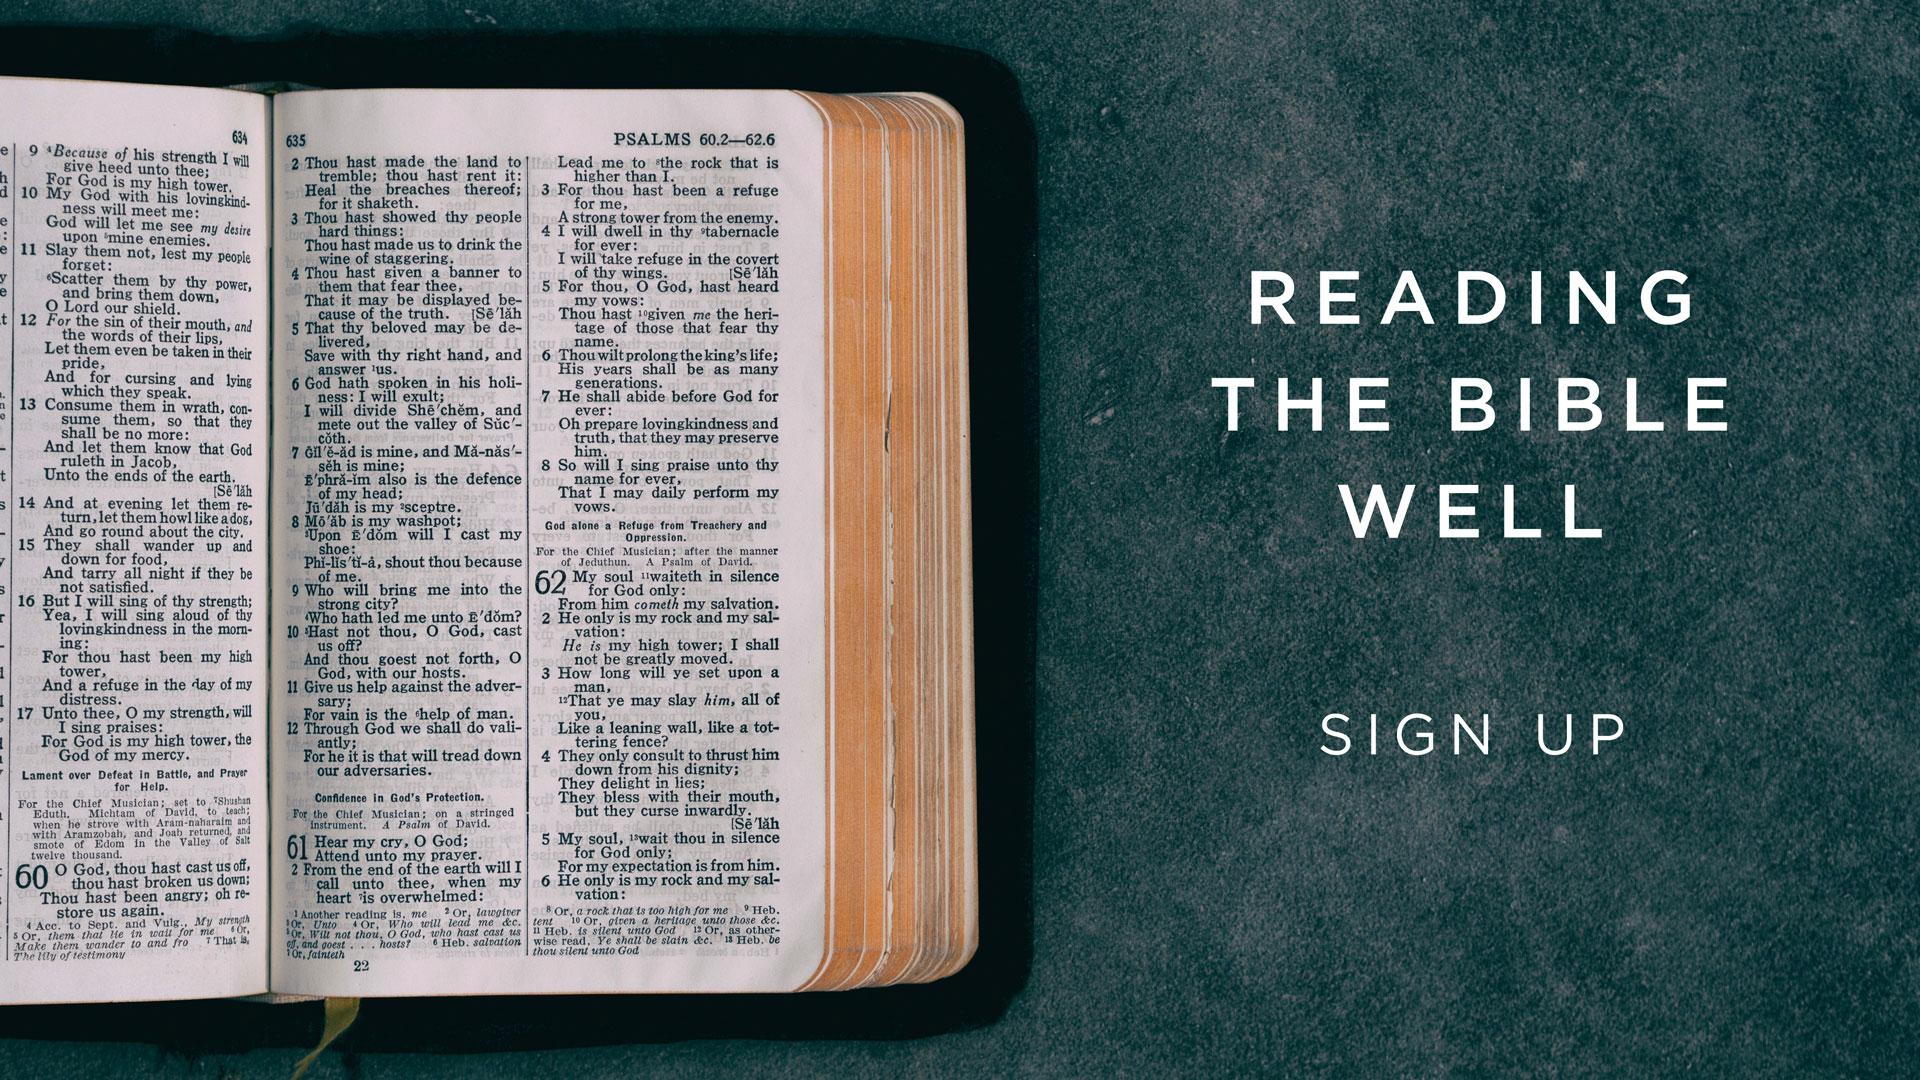 reading-bible-well-class-web.jpg